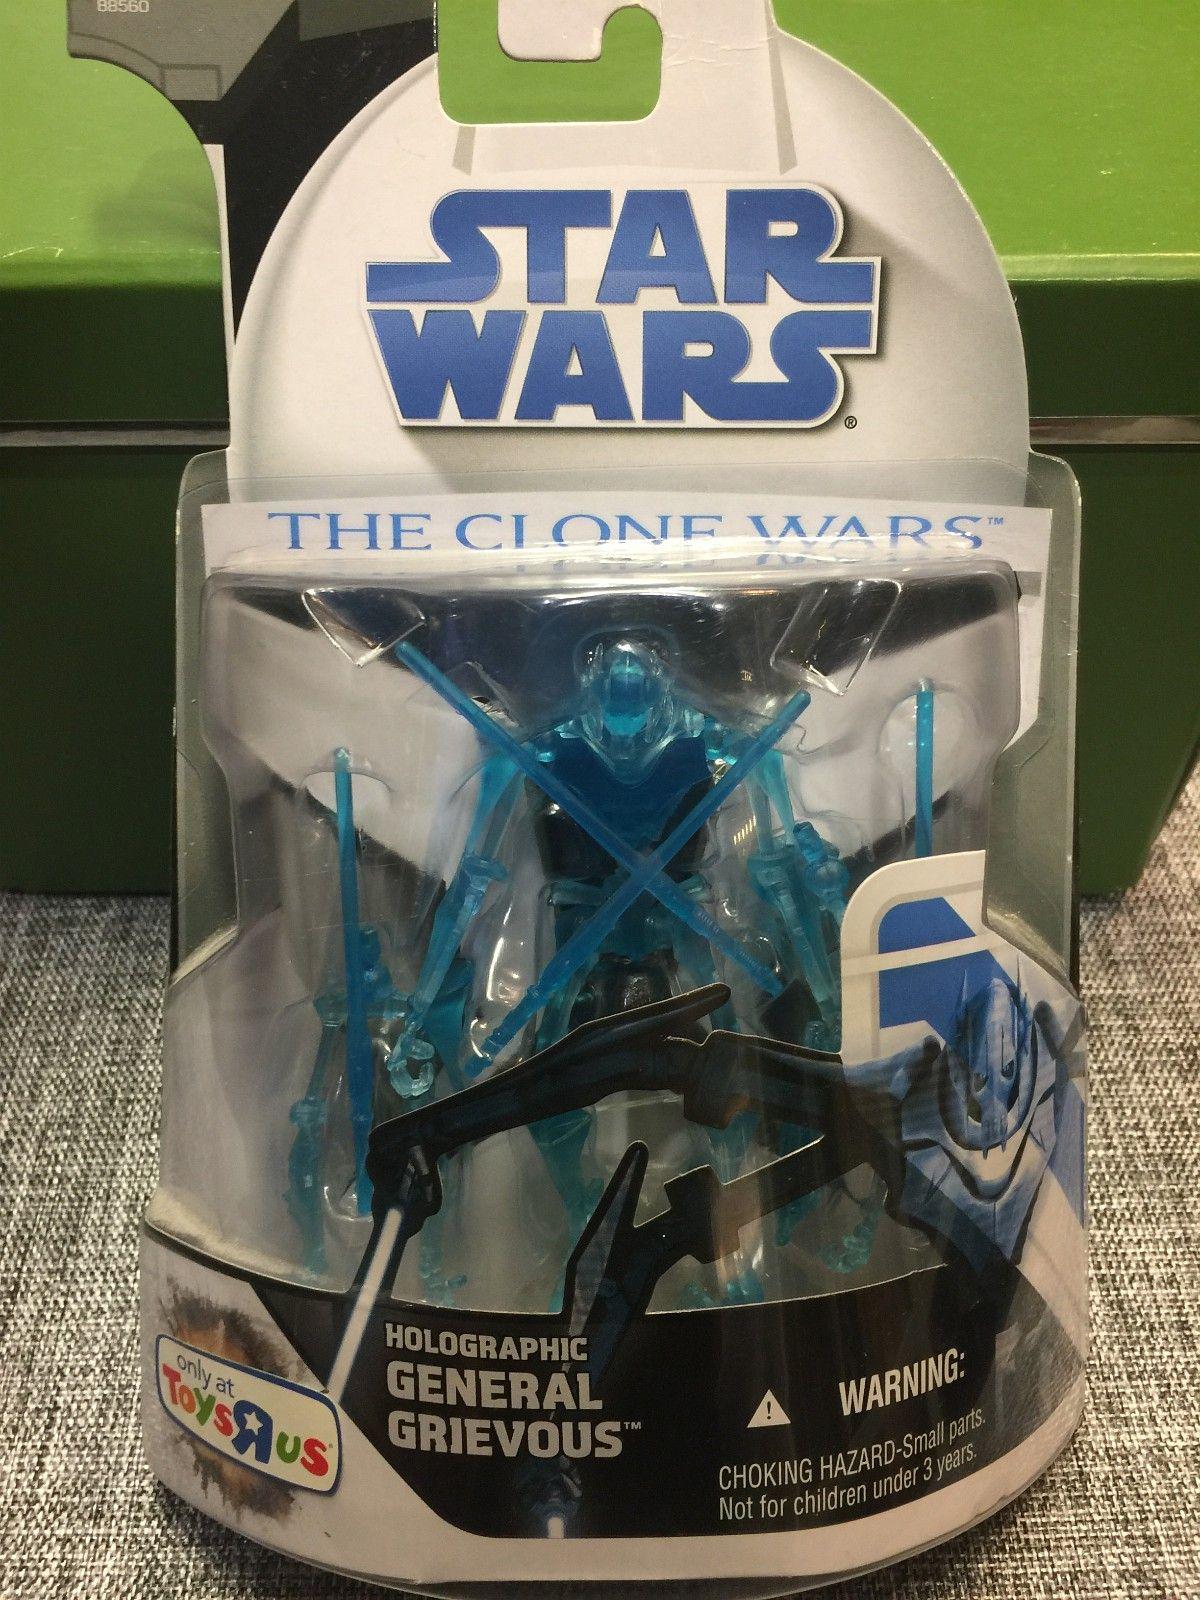 Star Wars General Grievous Holographic Toys r US Excl. - Stavanger  - Star Wars General Grievous Holographic Toys r us Exclusive  Denne er i eske. Om du lurer på kvaliteten på esken, se bilder.  Sender etter postens satser.  Betaling : Vipps Kontoover - Stavanger